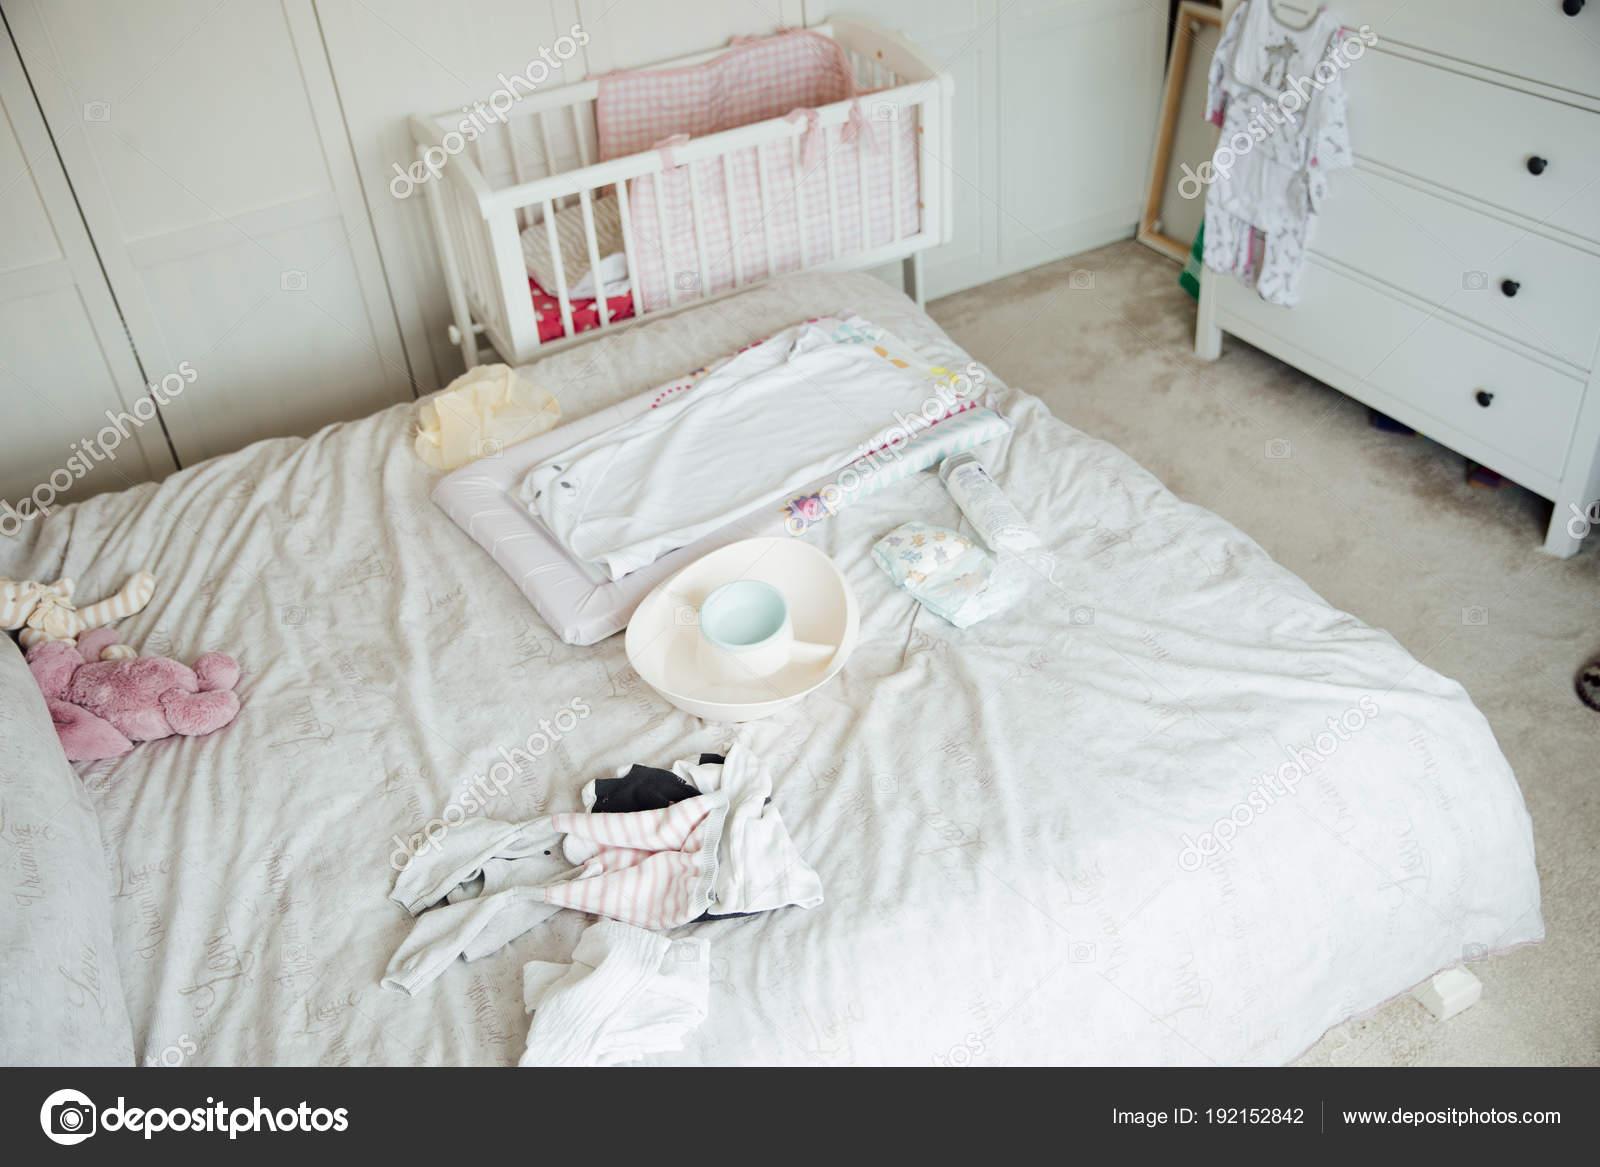 Baby uitrusting op Bed van de ouders — Stockfoto © DGLimages #192152842